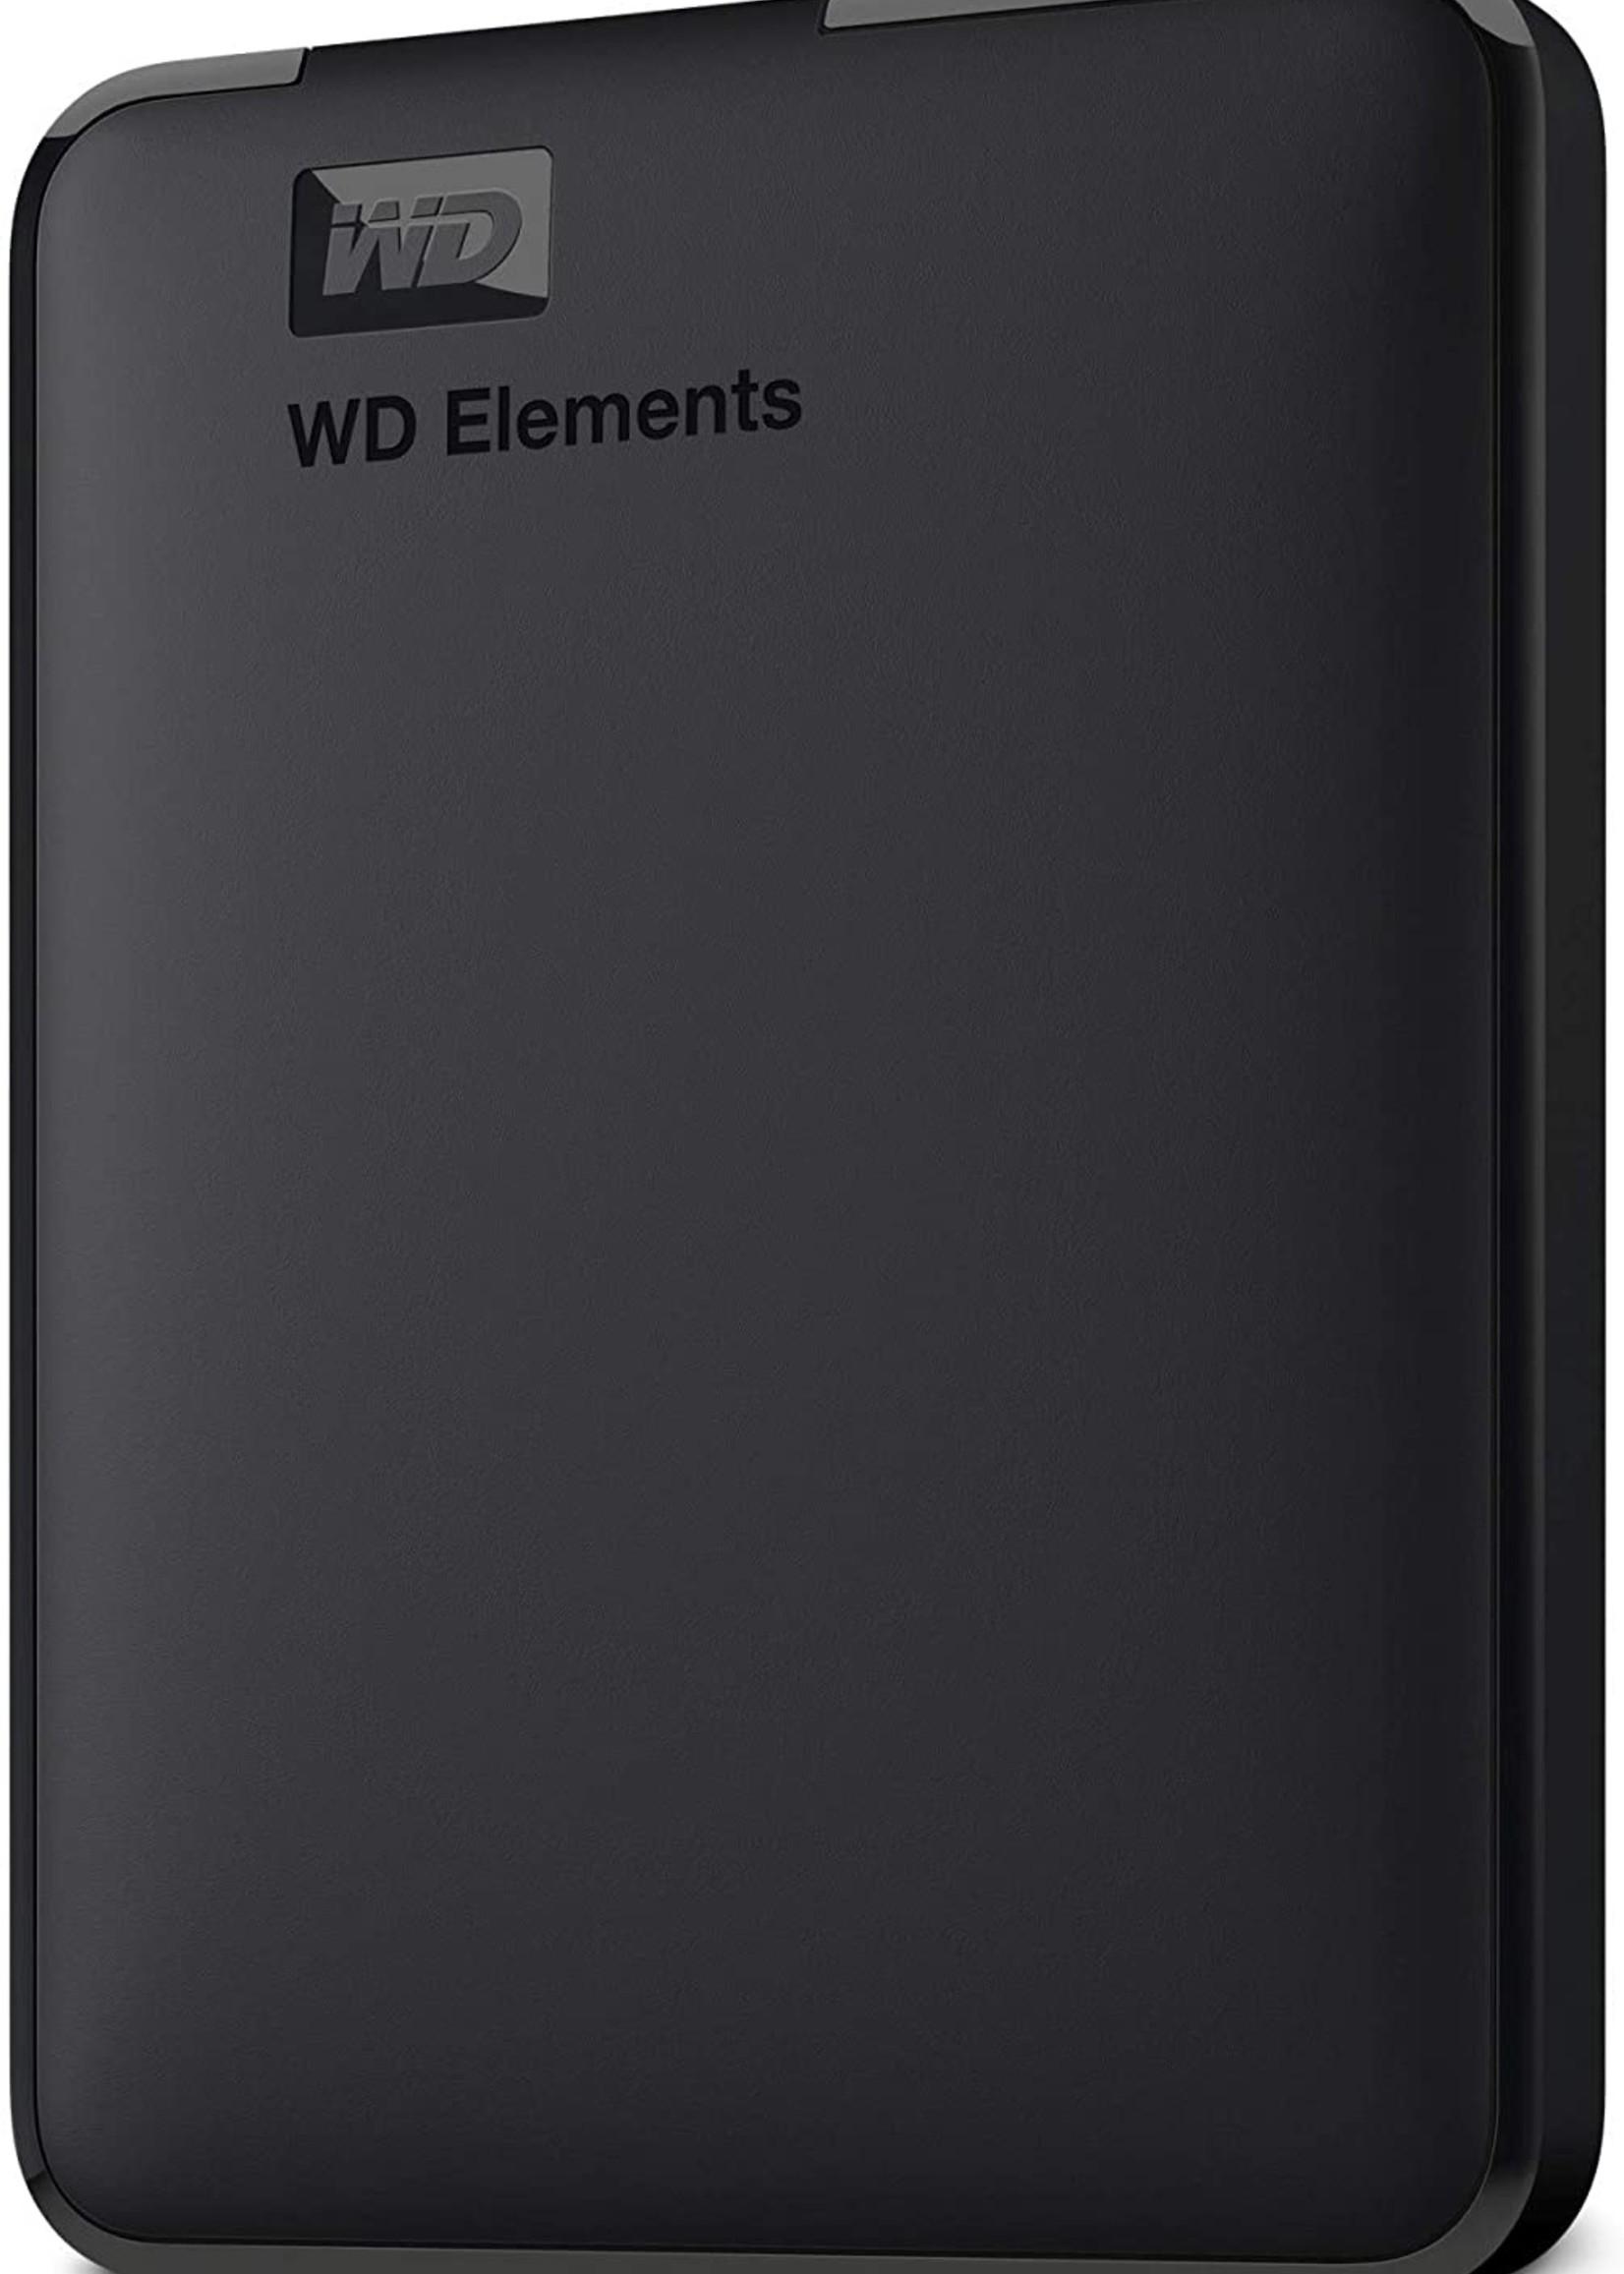 Western Digital 4TB WD Elements Ext. HHD